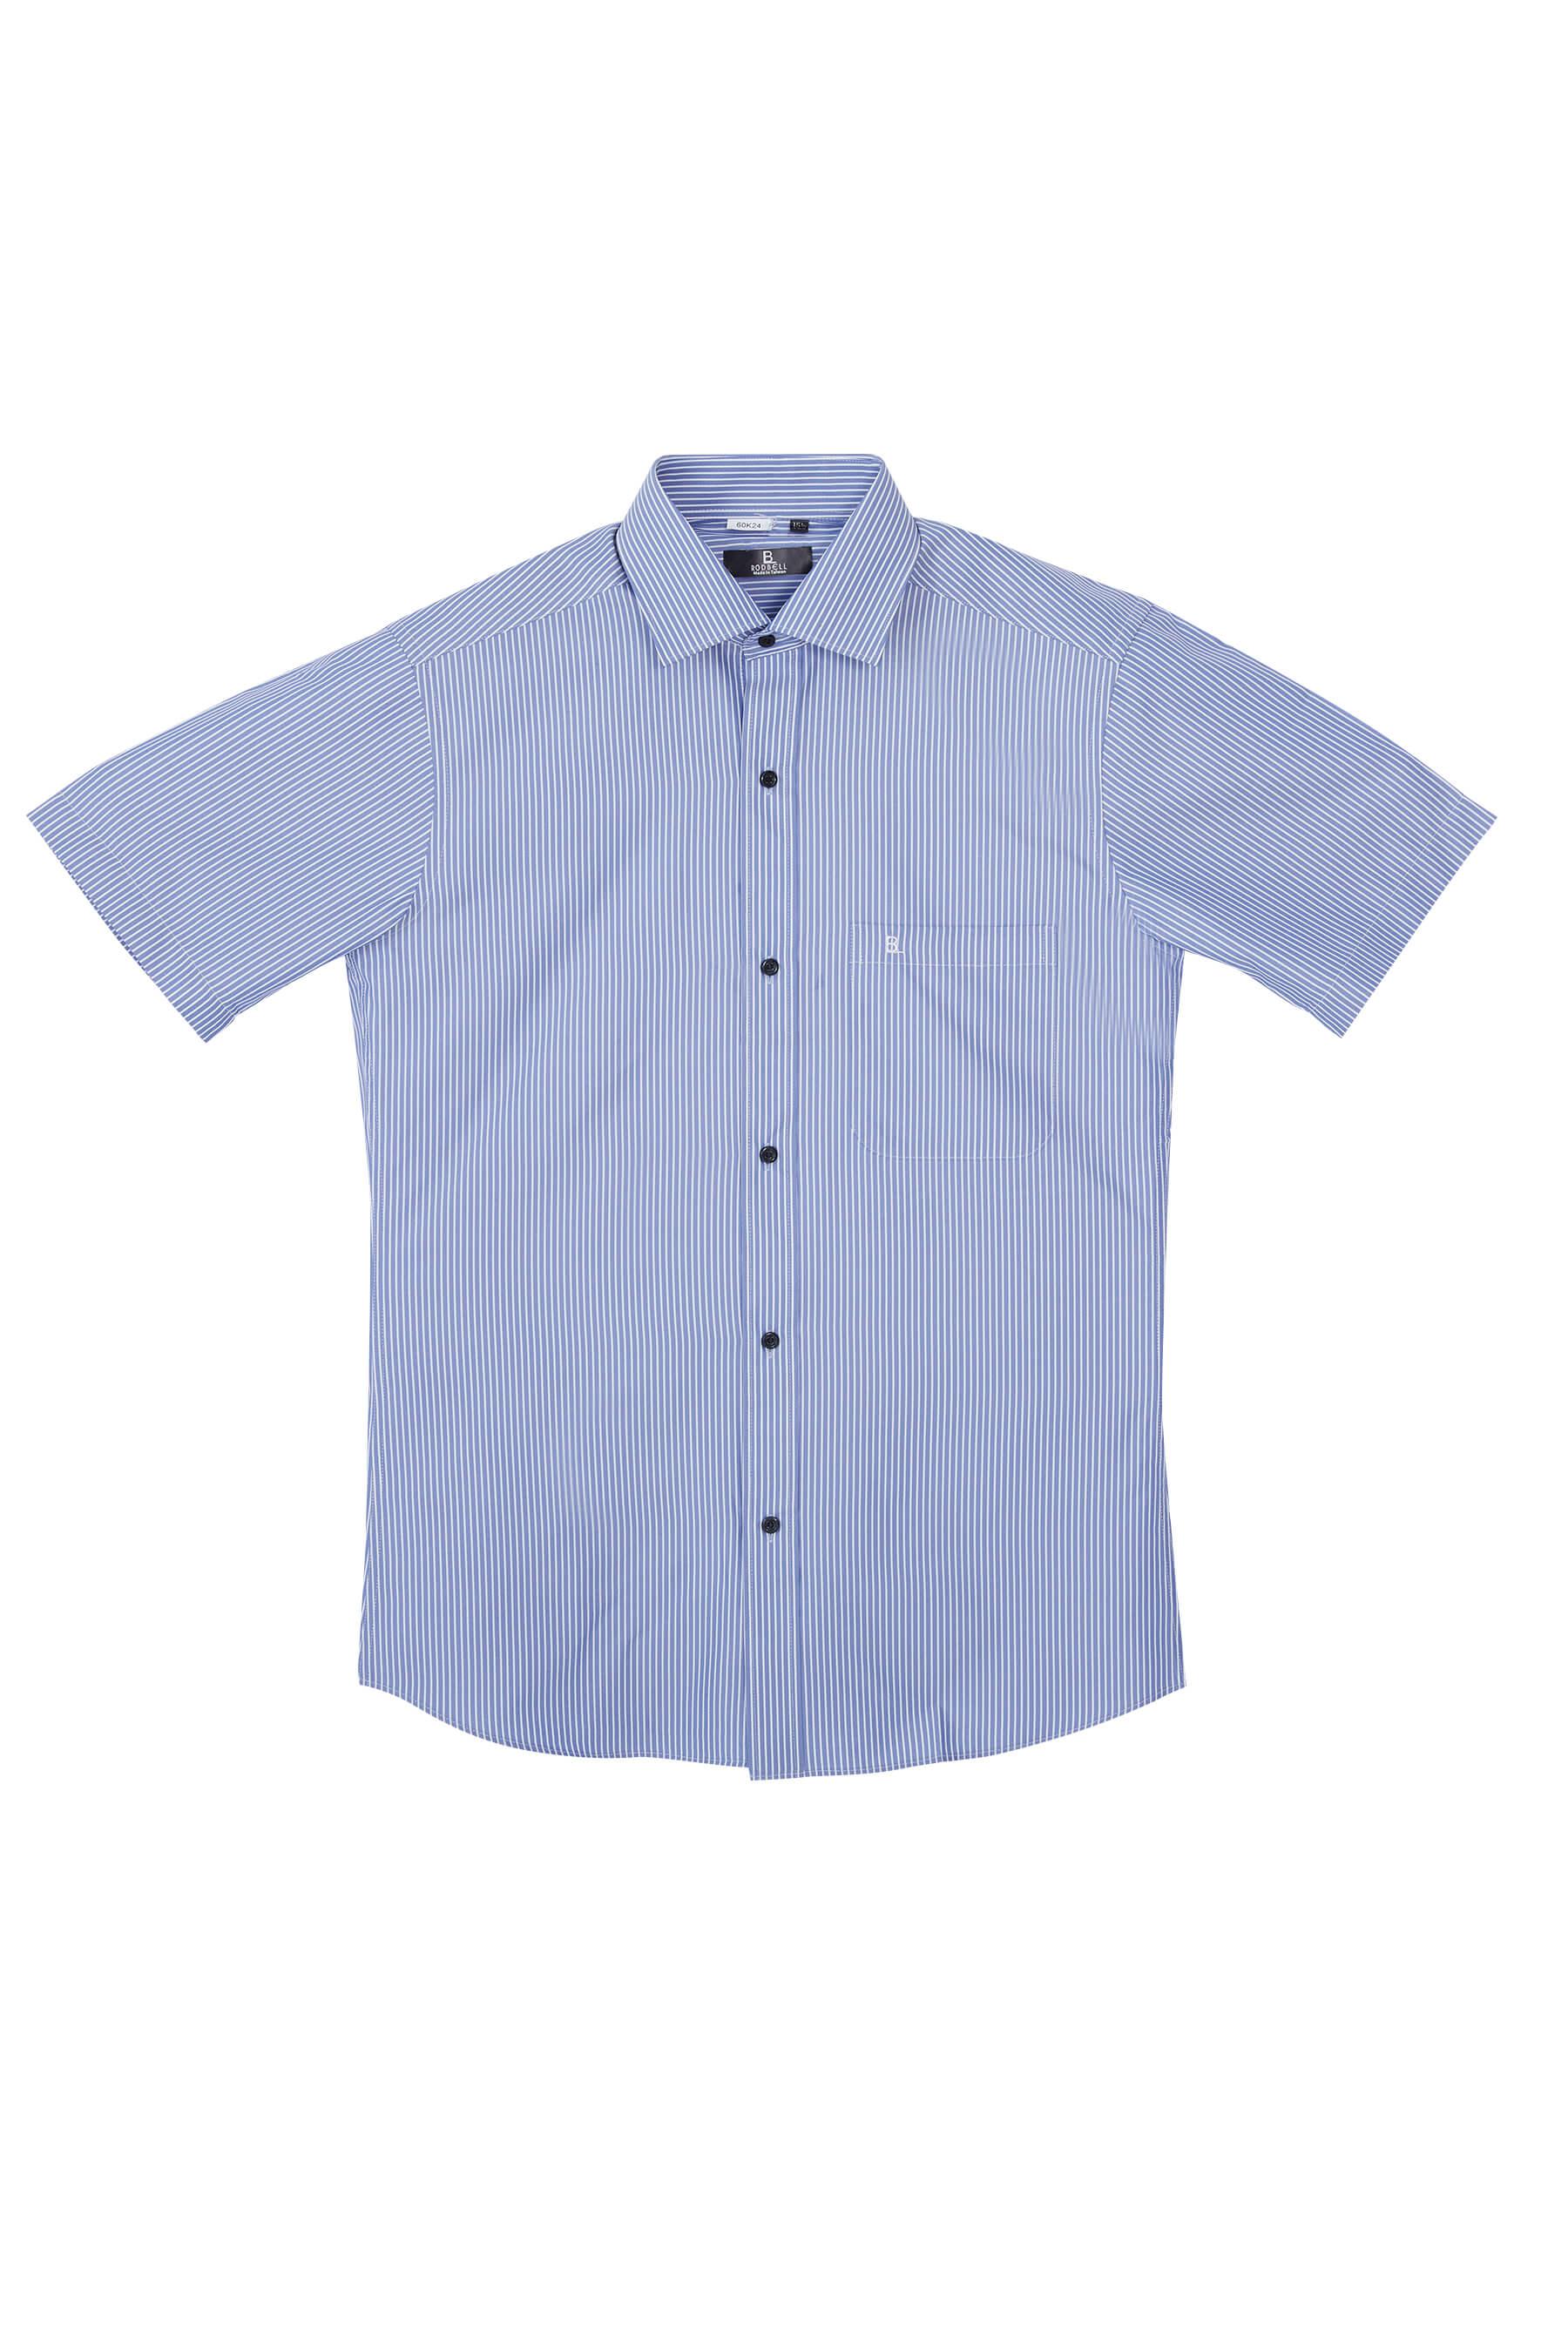 深藍白條紋短袖襯衫/抗皺 吸濕排汗